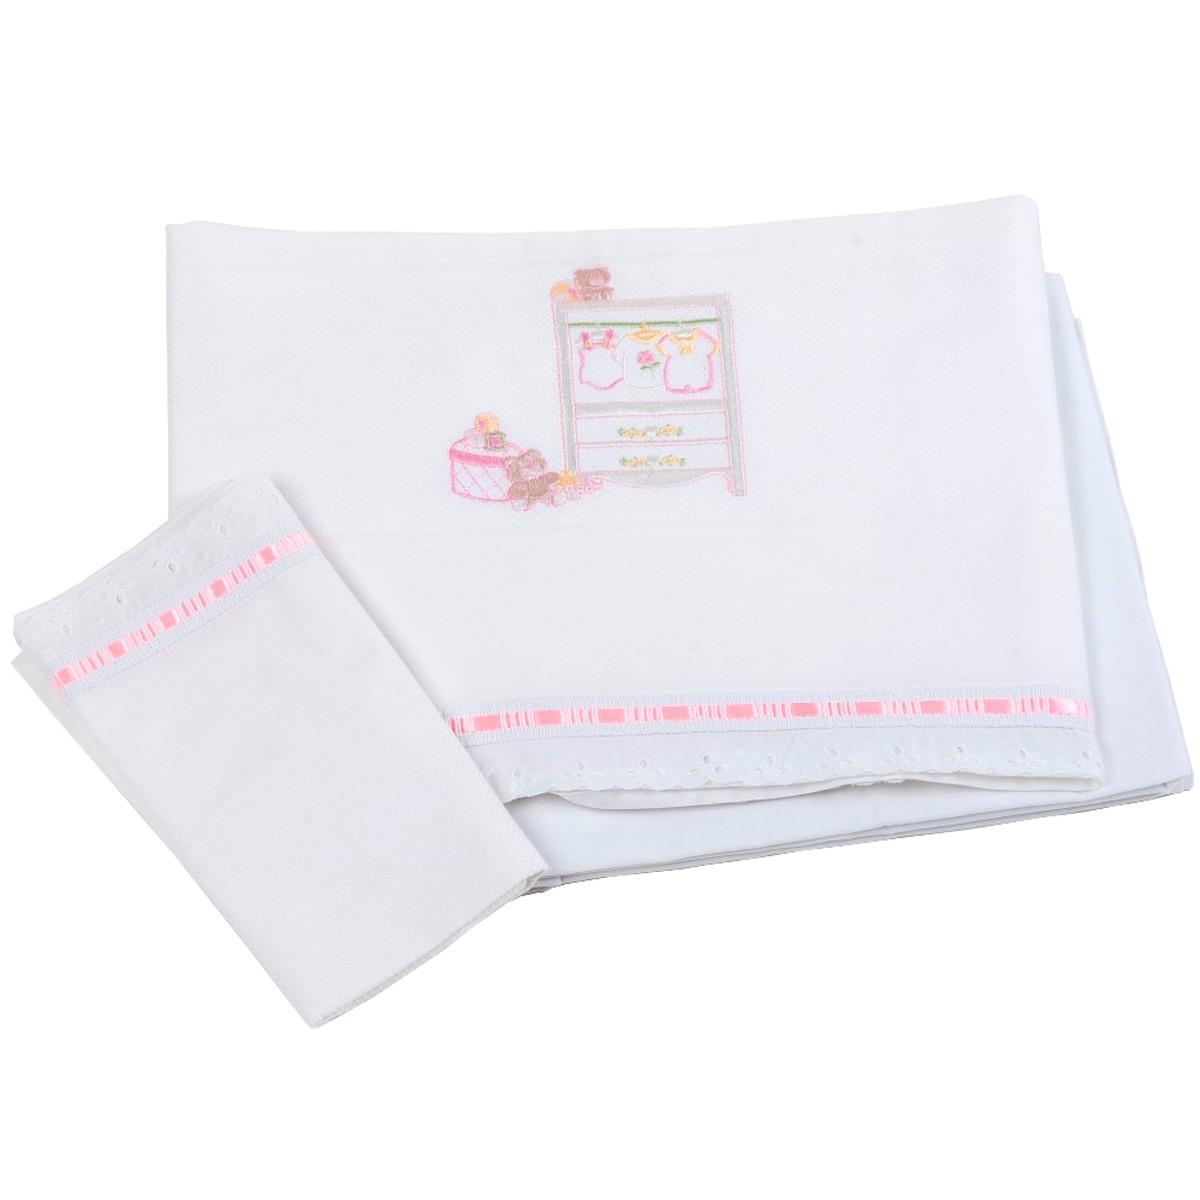 Σεντόνια Κούνιας (Σετ) Κόσμος Του Μωρού Wardrobe 0265 Ροζ